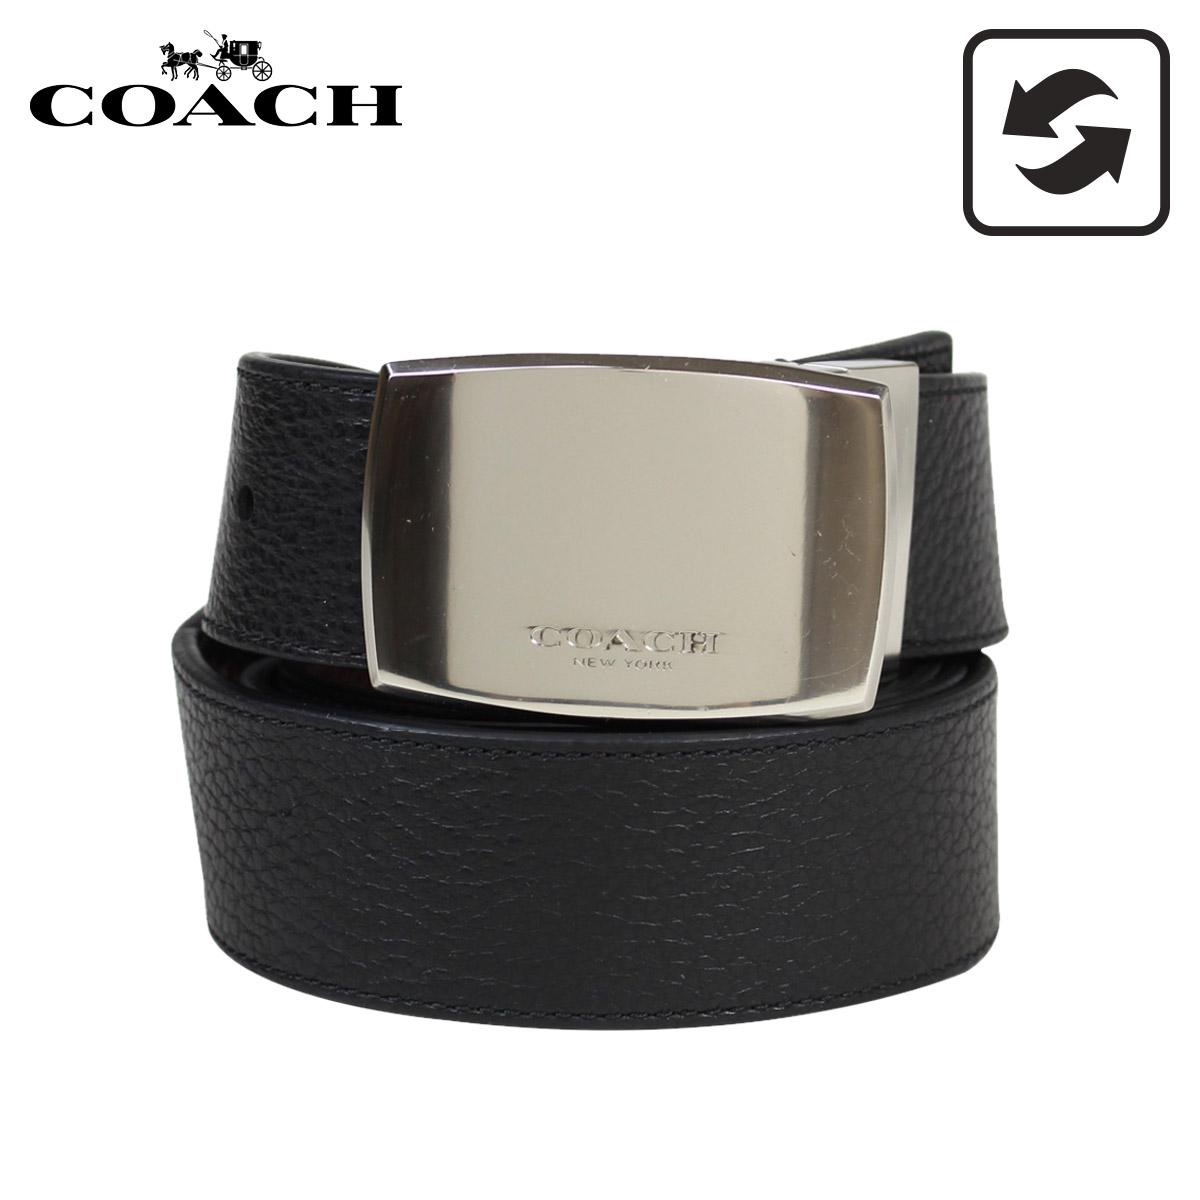 【訳あり】 COACH F64842 コーチ ベルト レザーベルト メンズ リバーシブル 本革 ブラック ブラウン 黒 【返品不可】